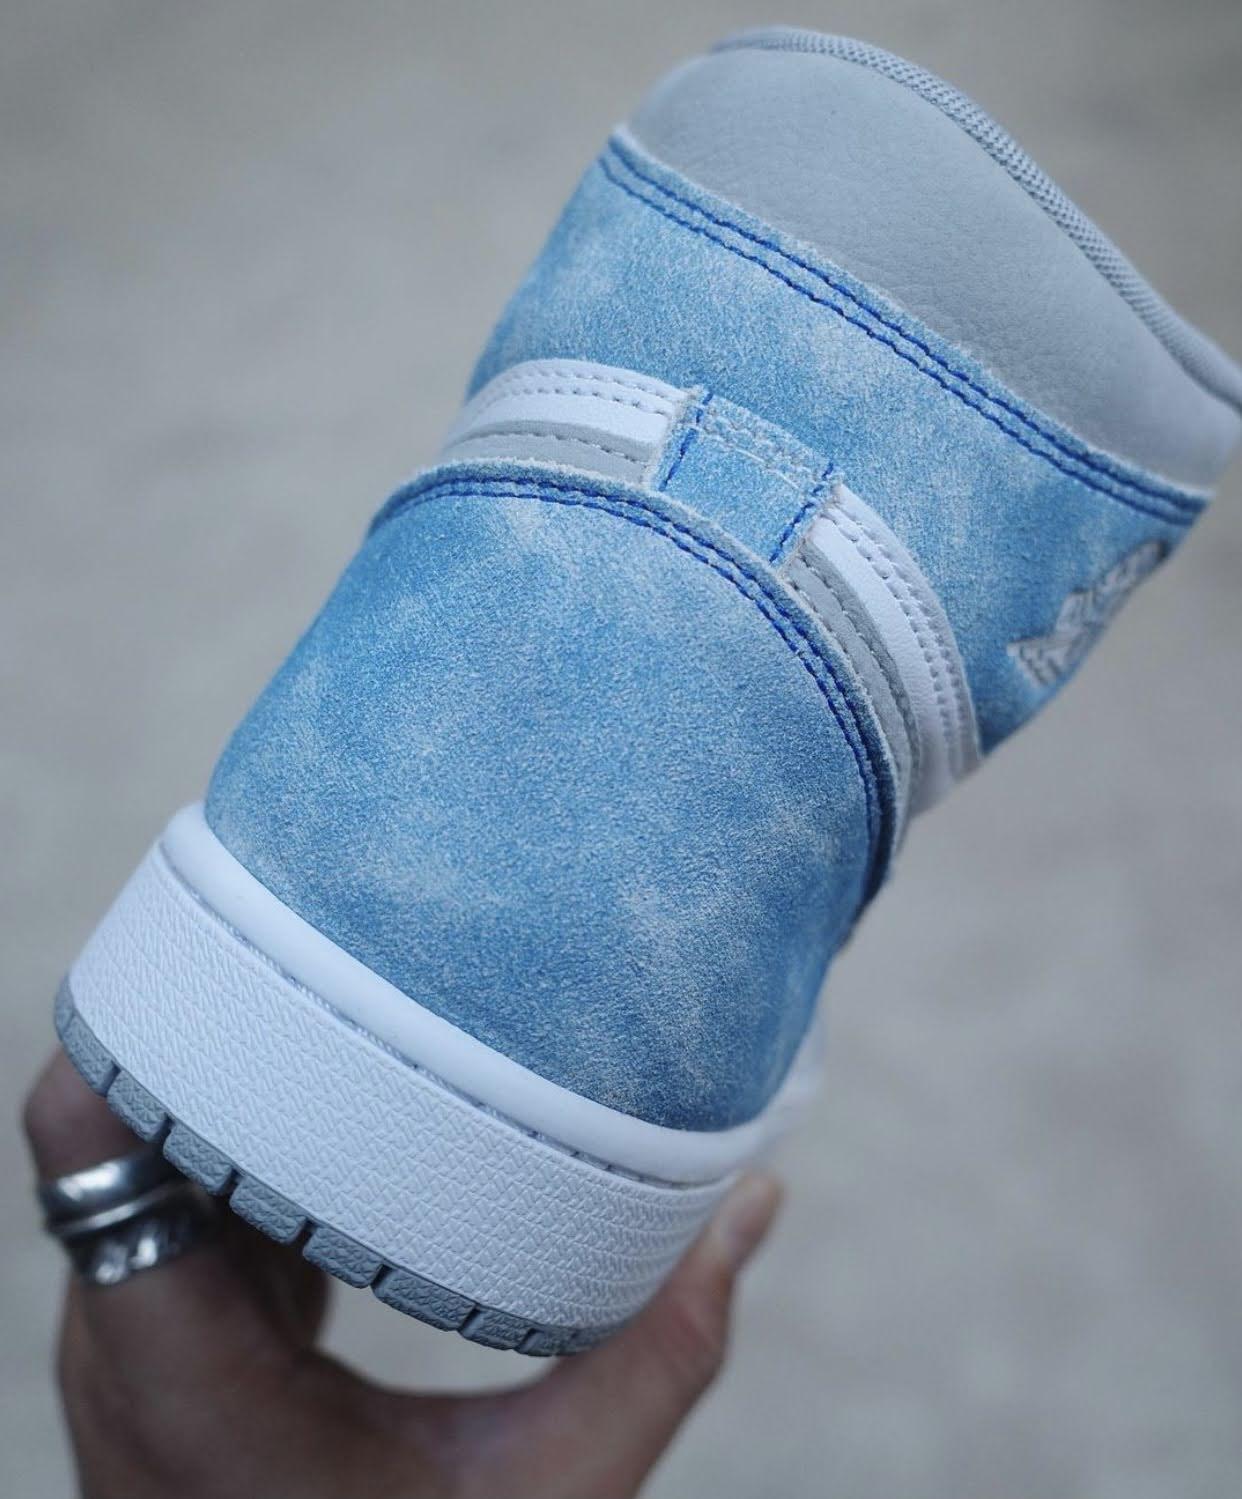 """ナイキ エア ジョーダン 1 ハイ OG """"ハイパーロイヤル"""" Nike-Air-Jordan-1-Hyper-Royal-555088-402-11-heel"""